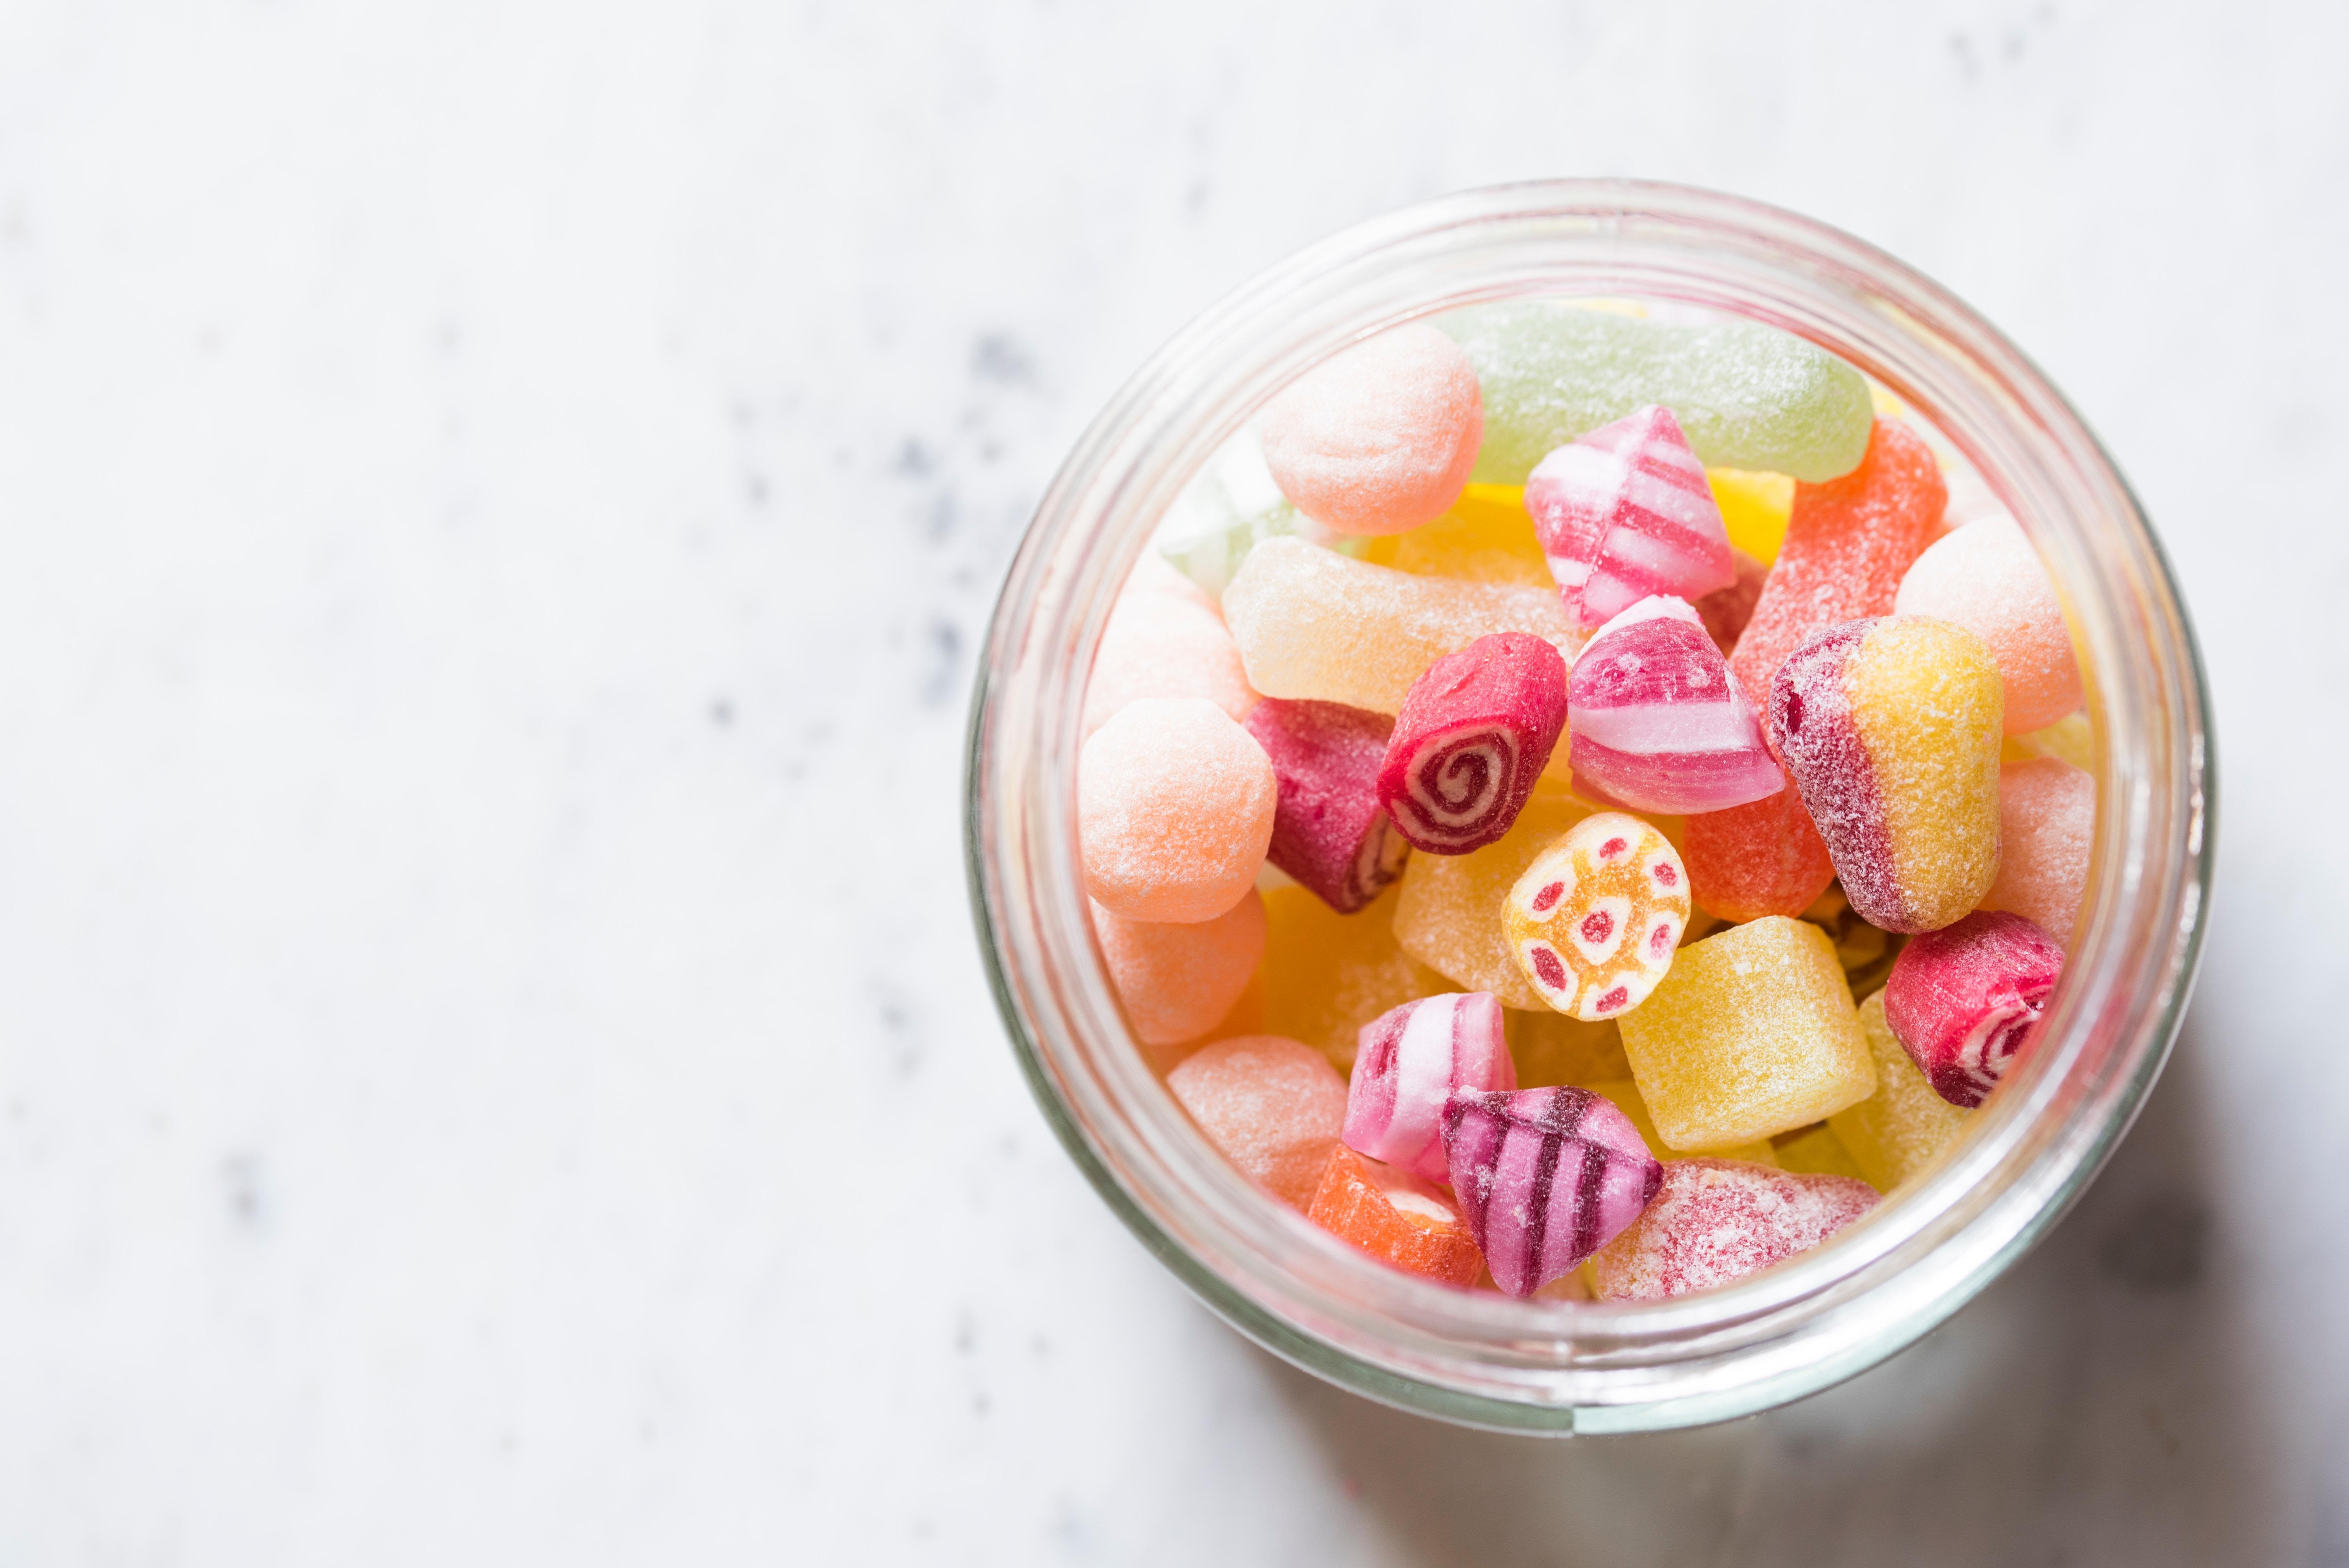 熱中症予防に塩飴!おすすめの飴キャンディタブレットランキング8選